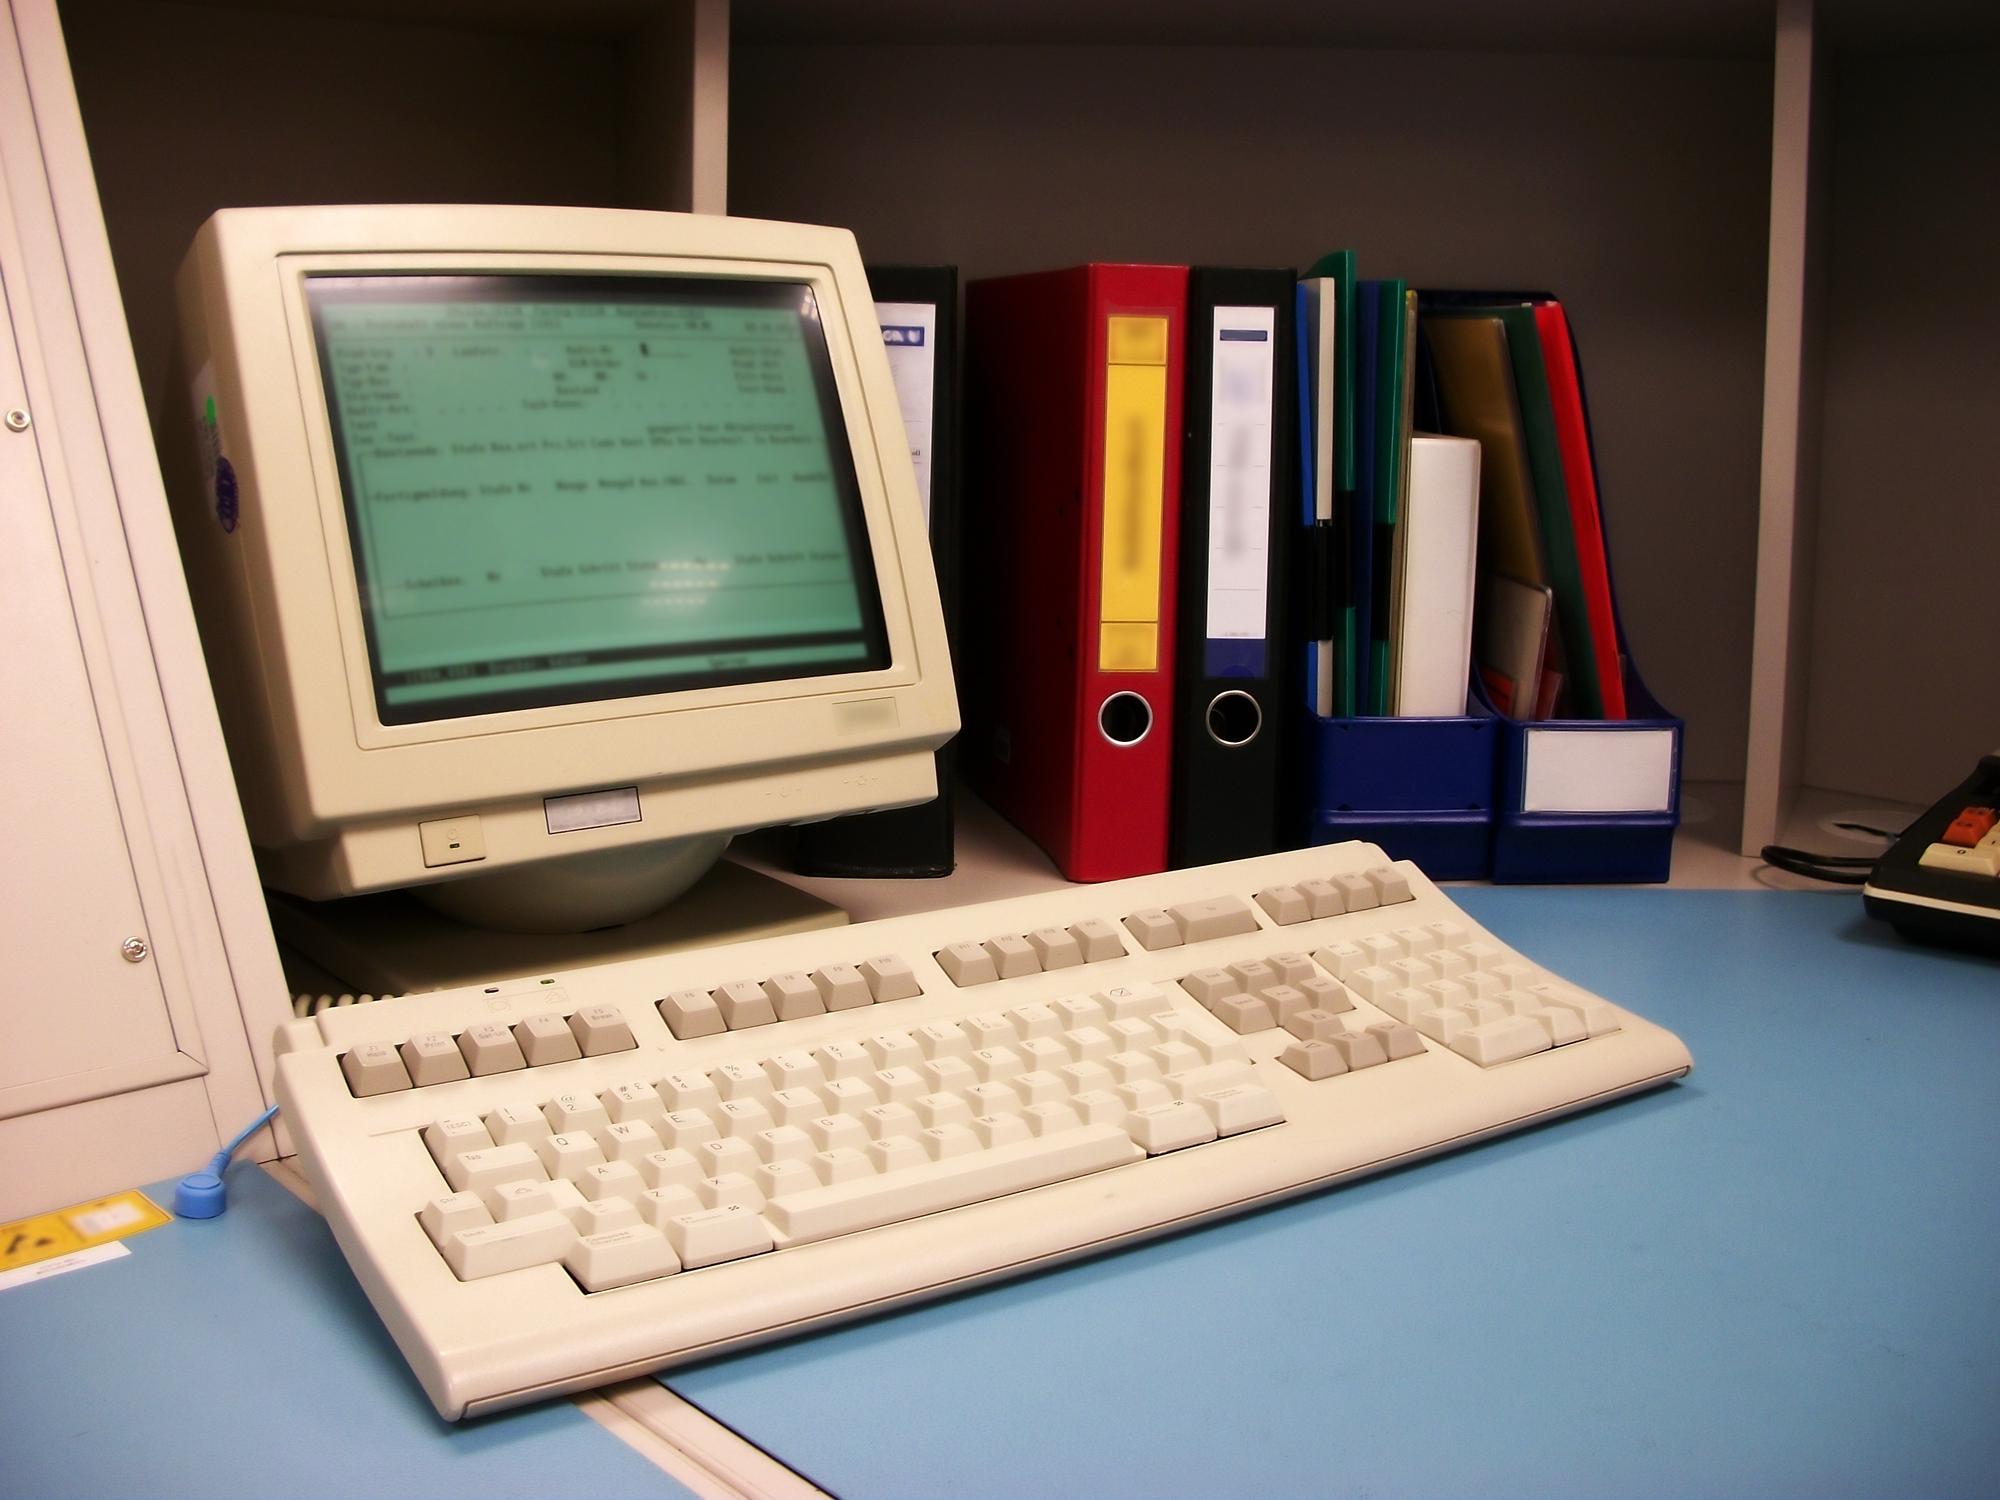 Old computer workstation